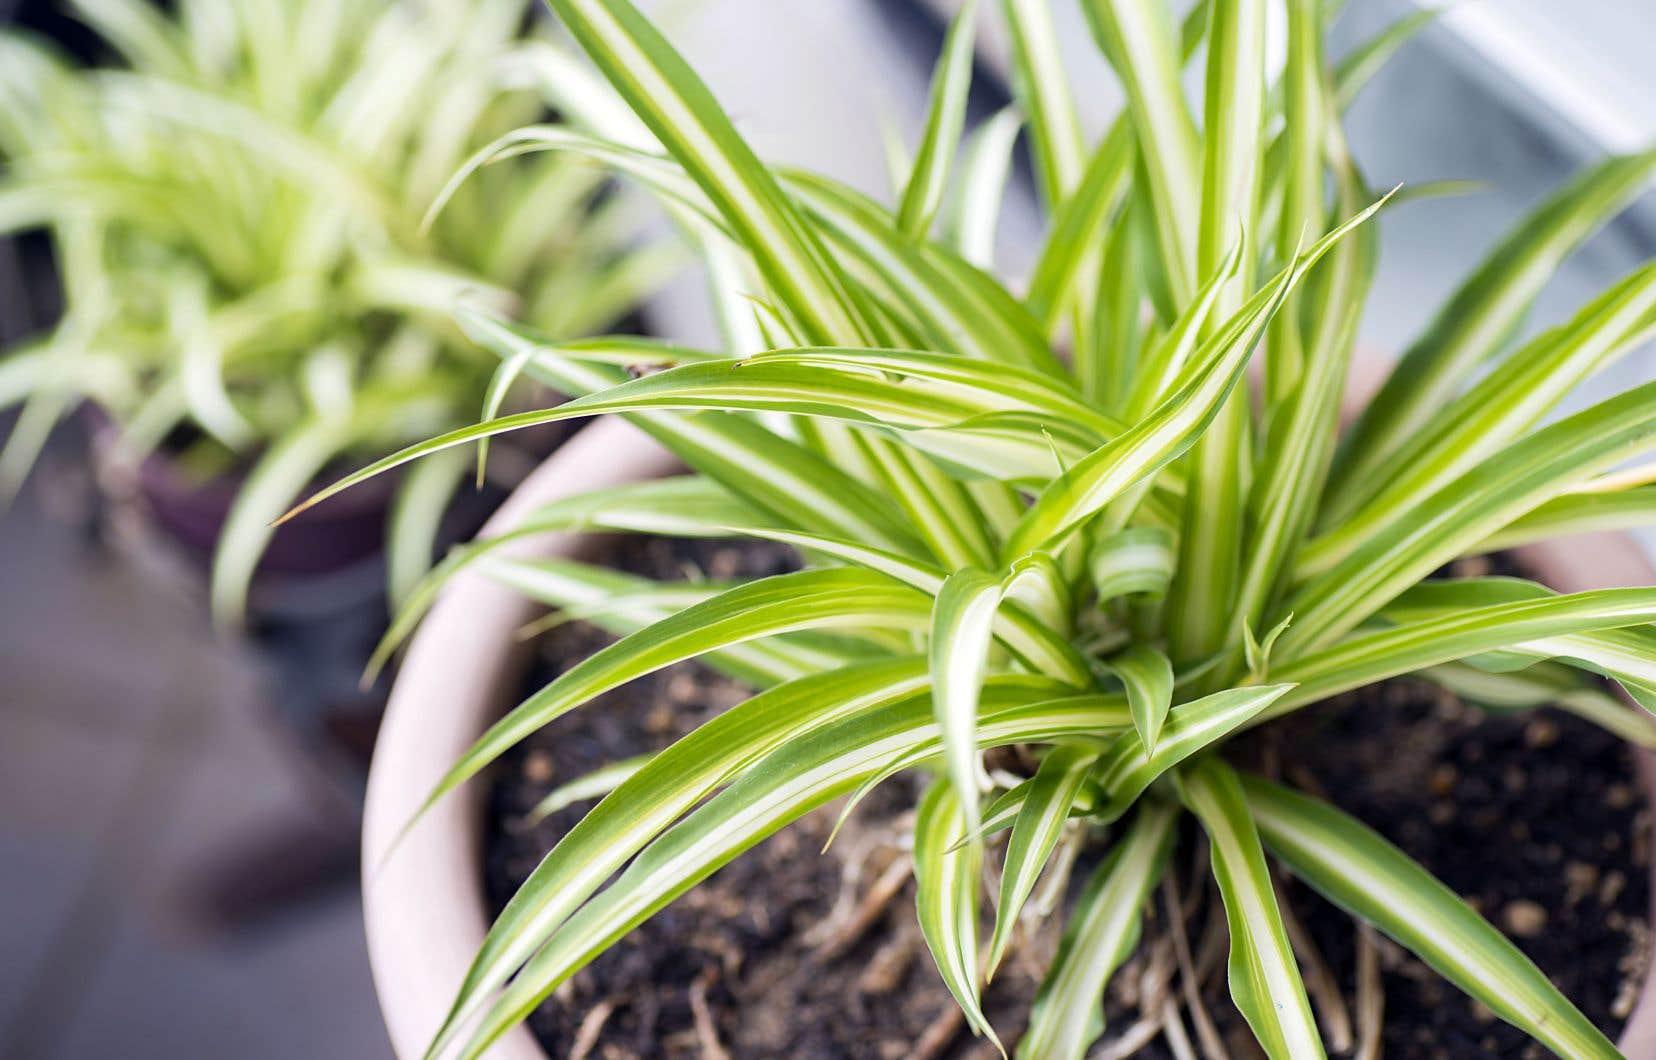 L'une des plantes les plus robustes, d'ailleurs réputée pour sa capacité à survivre aux mauvais soins, est le sansevieria, ou sansevière. La Crassula ovata (ou plante jade) et la plante araignée, ou Chlorophytum comosum, résistent aussi très bien à l'intérieur.